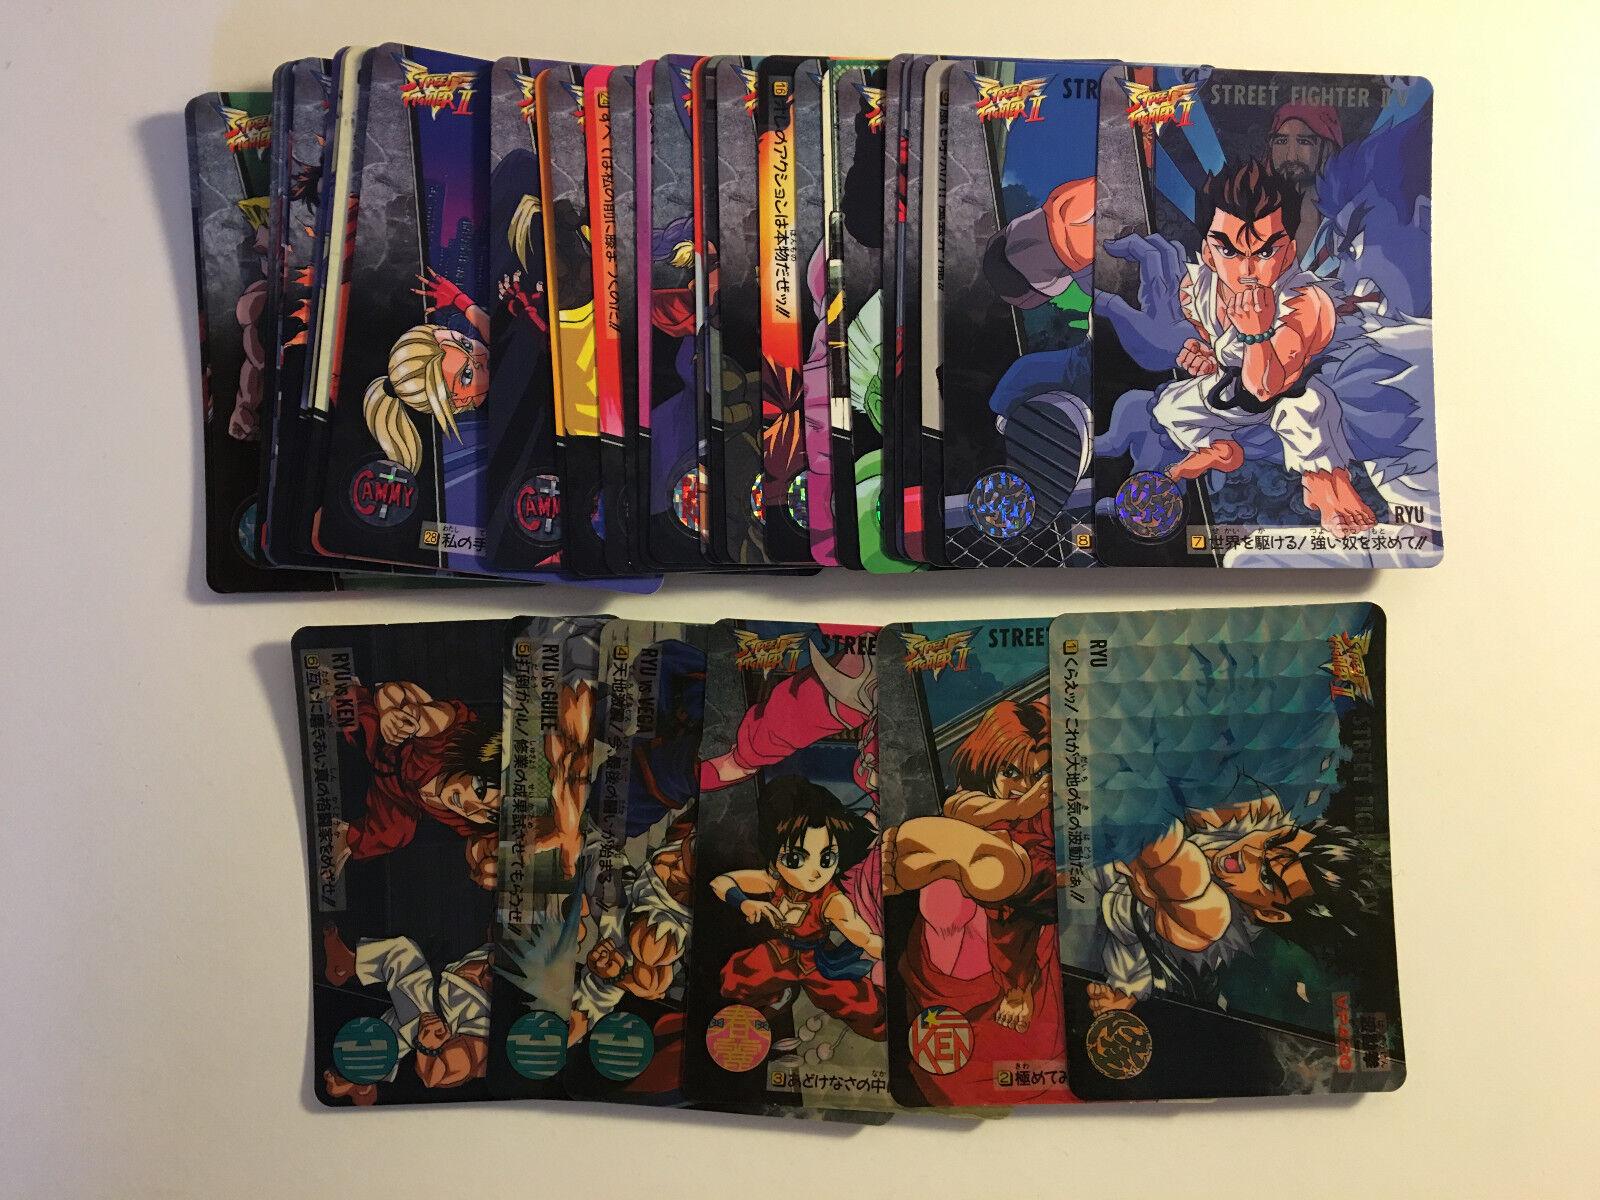 Street Fighter II V Carddass Full Set 42 42